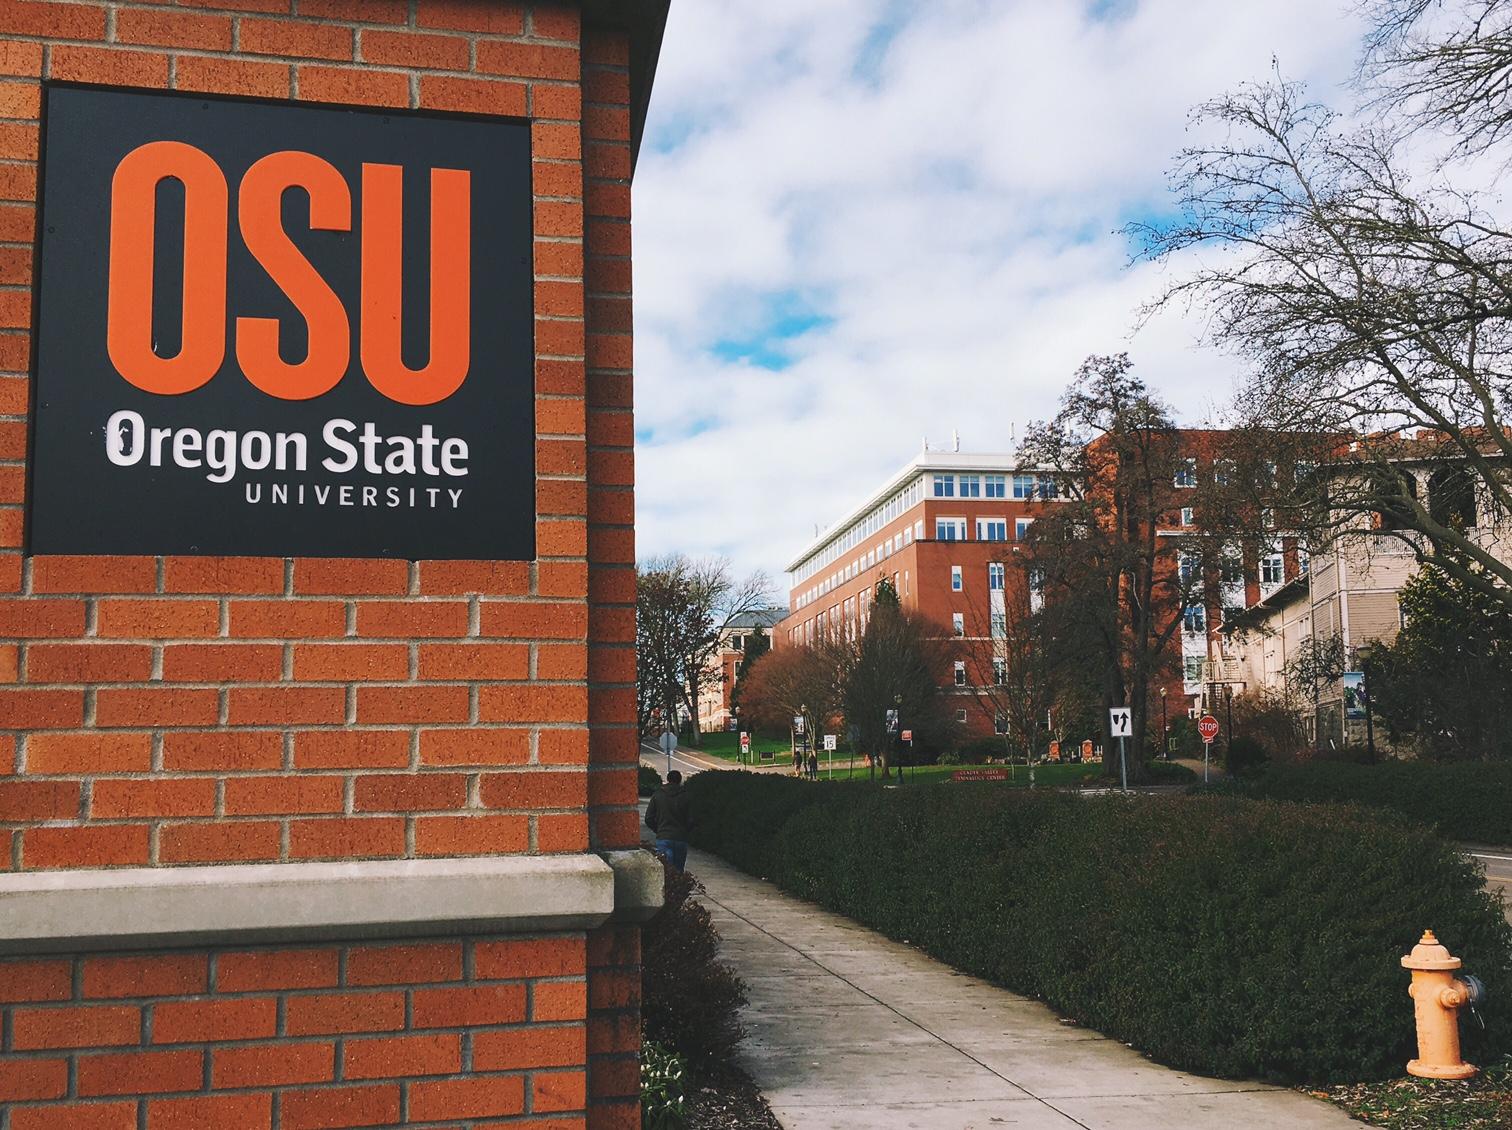 image: oregon state university sign